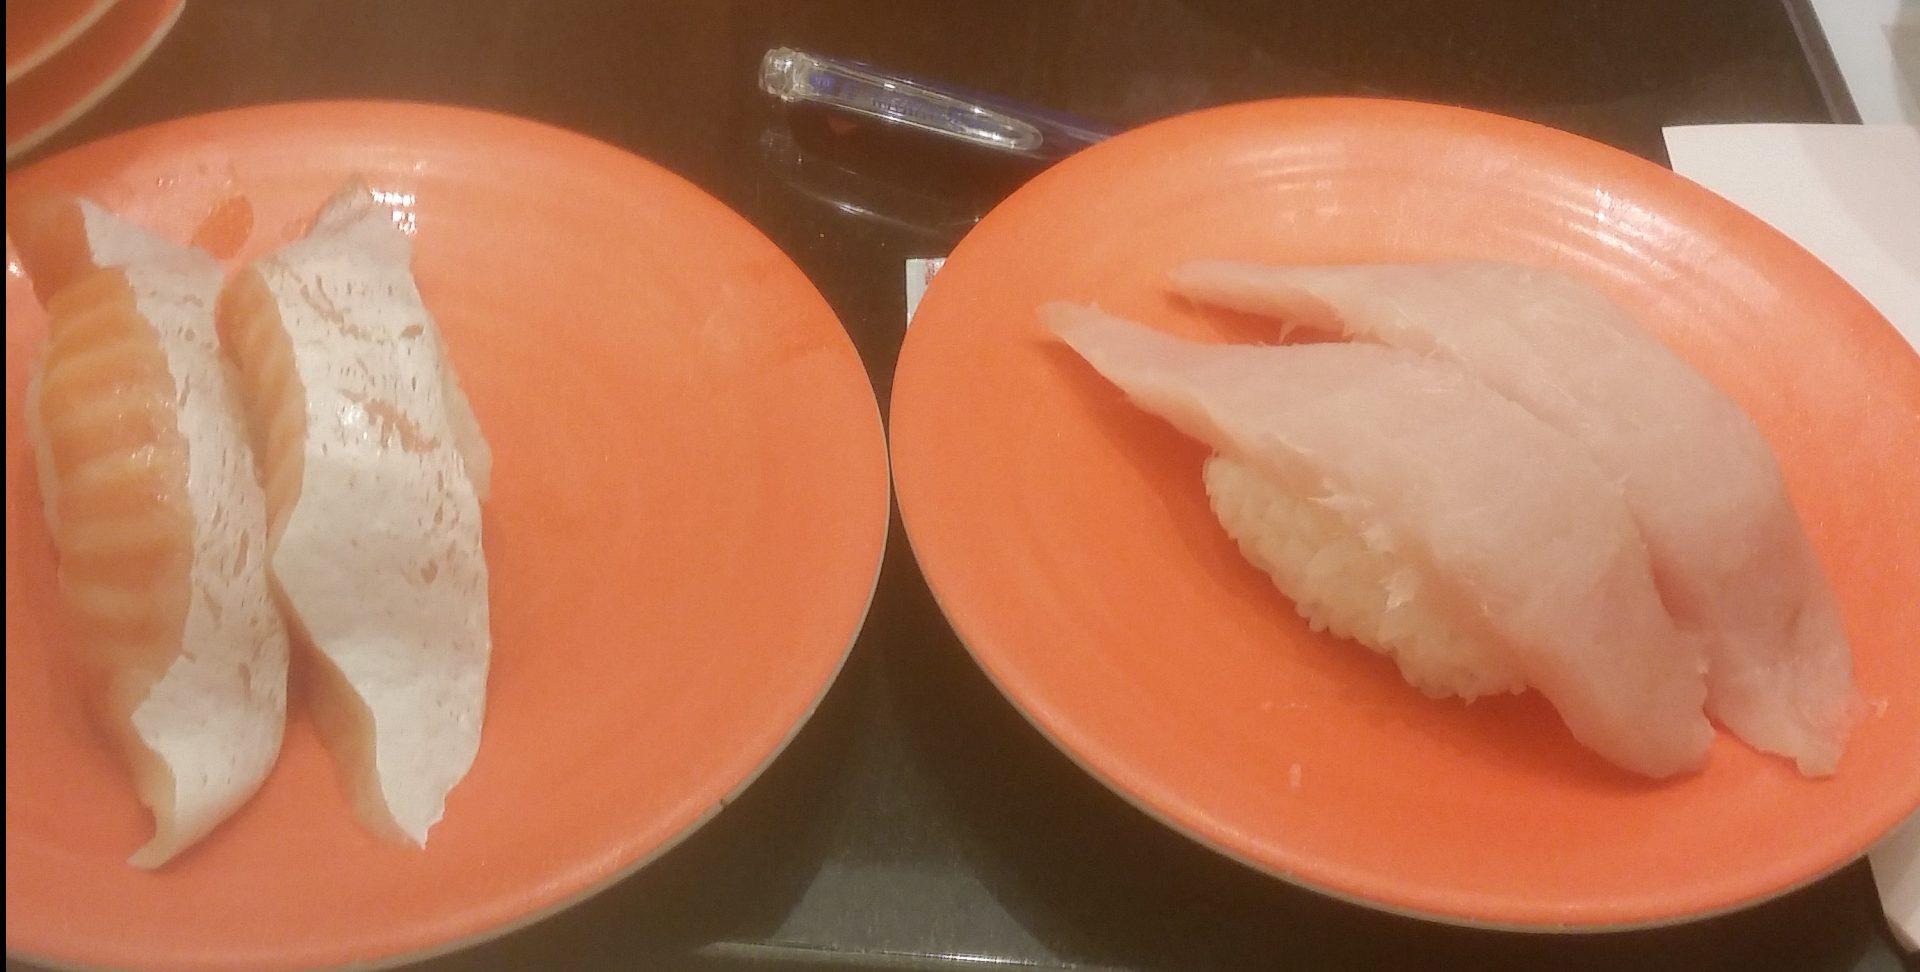 北海道グルメリポート☆ちょっとランクの高い回転寿司「和楽」